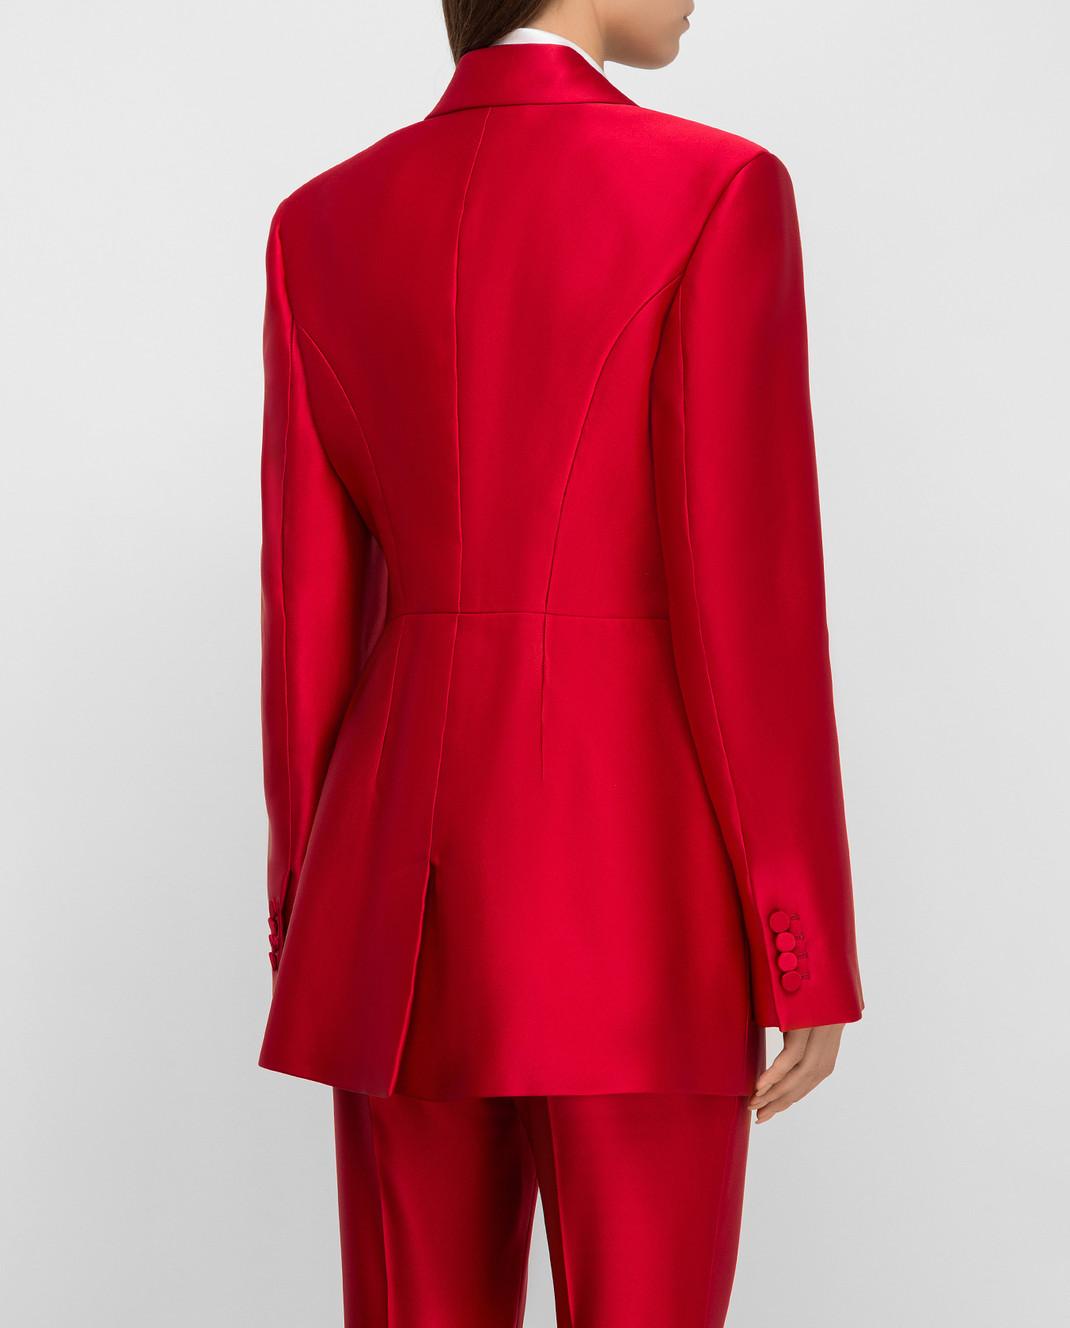 Alexander McQueen Красный жакет из шелка изображение 4